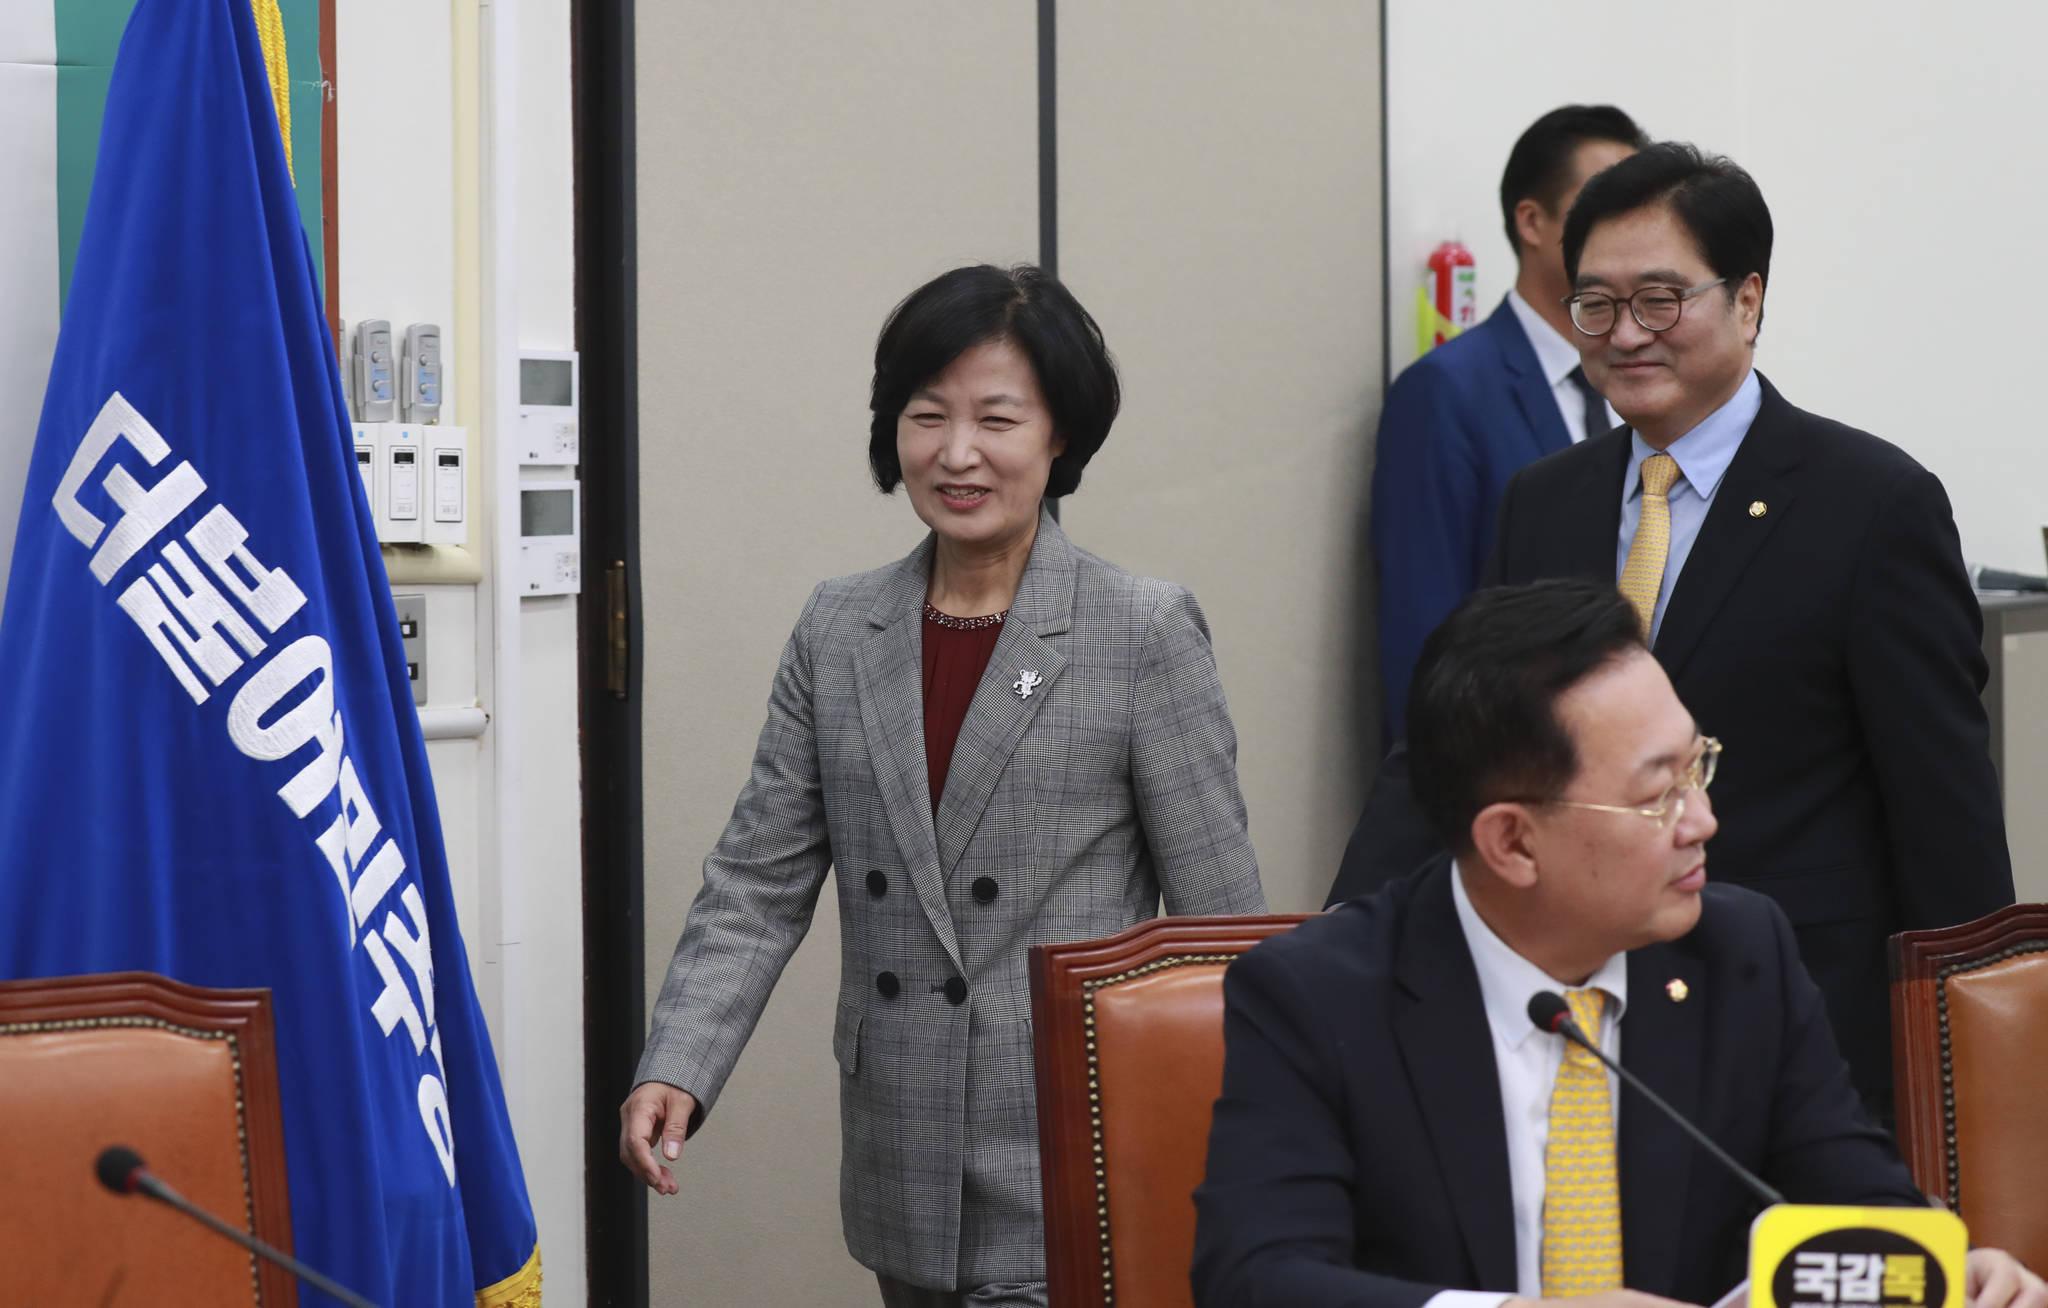 더불어민주당 추미애 대표와 우원식 원내대표가 밝은 모습으로 회의장으로 들어오고 있다. 임현동 기자